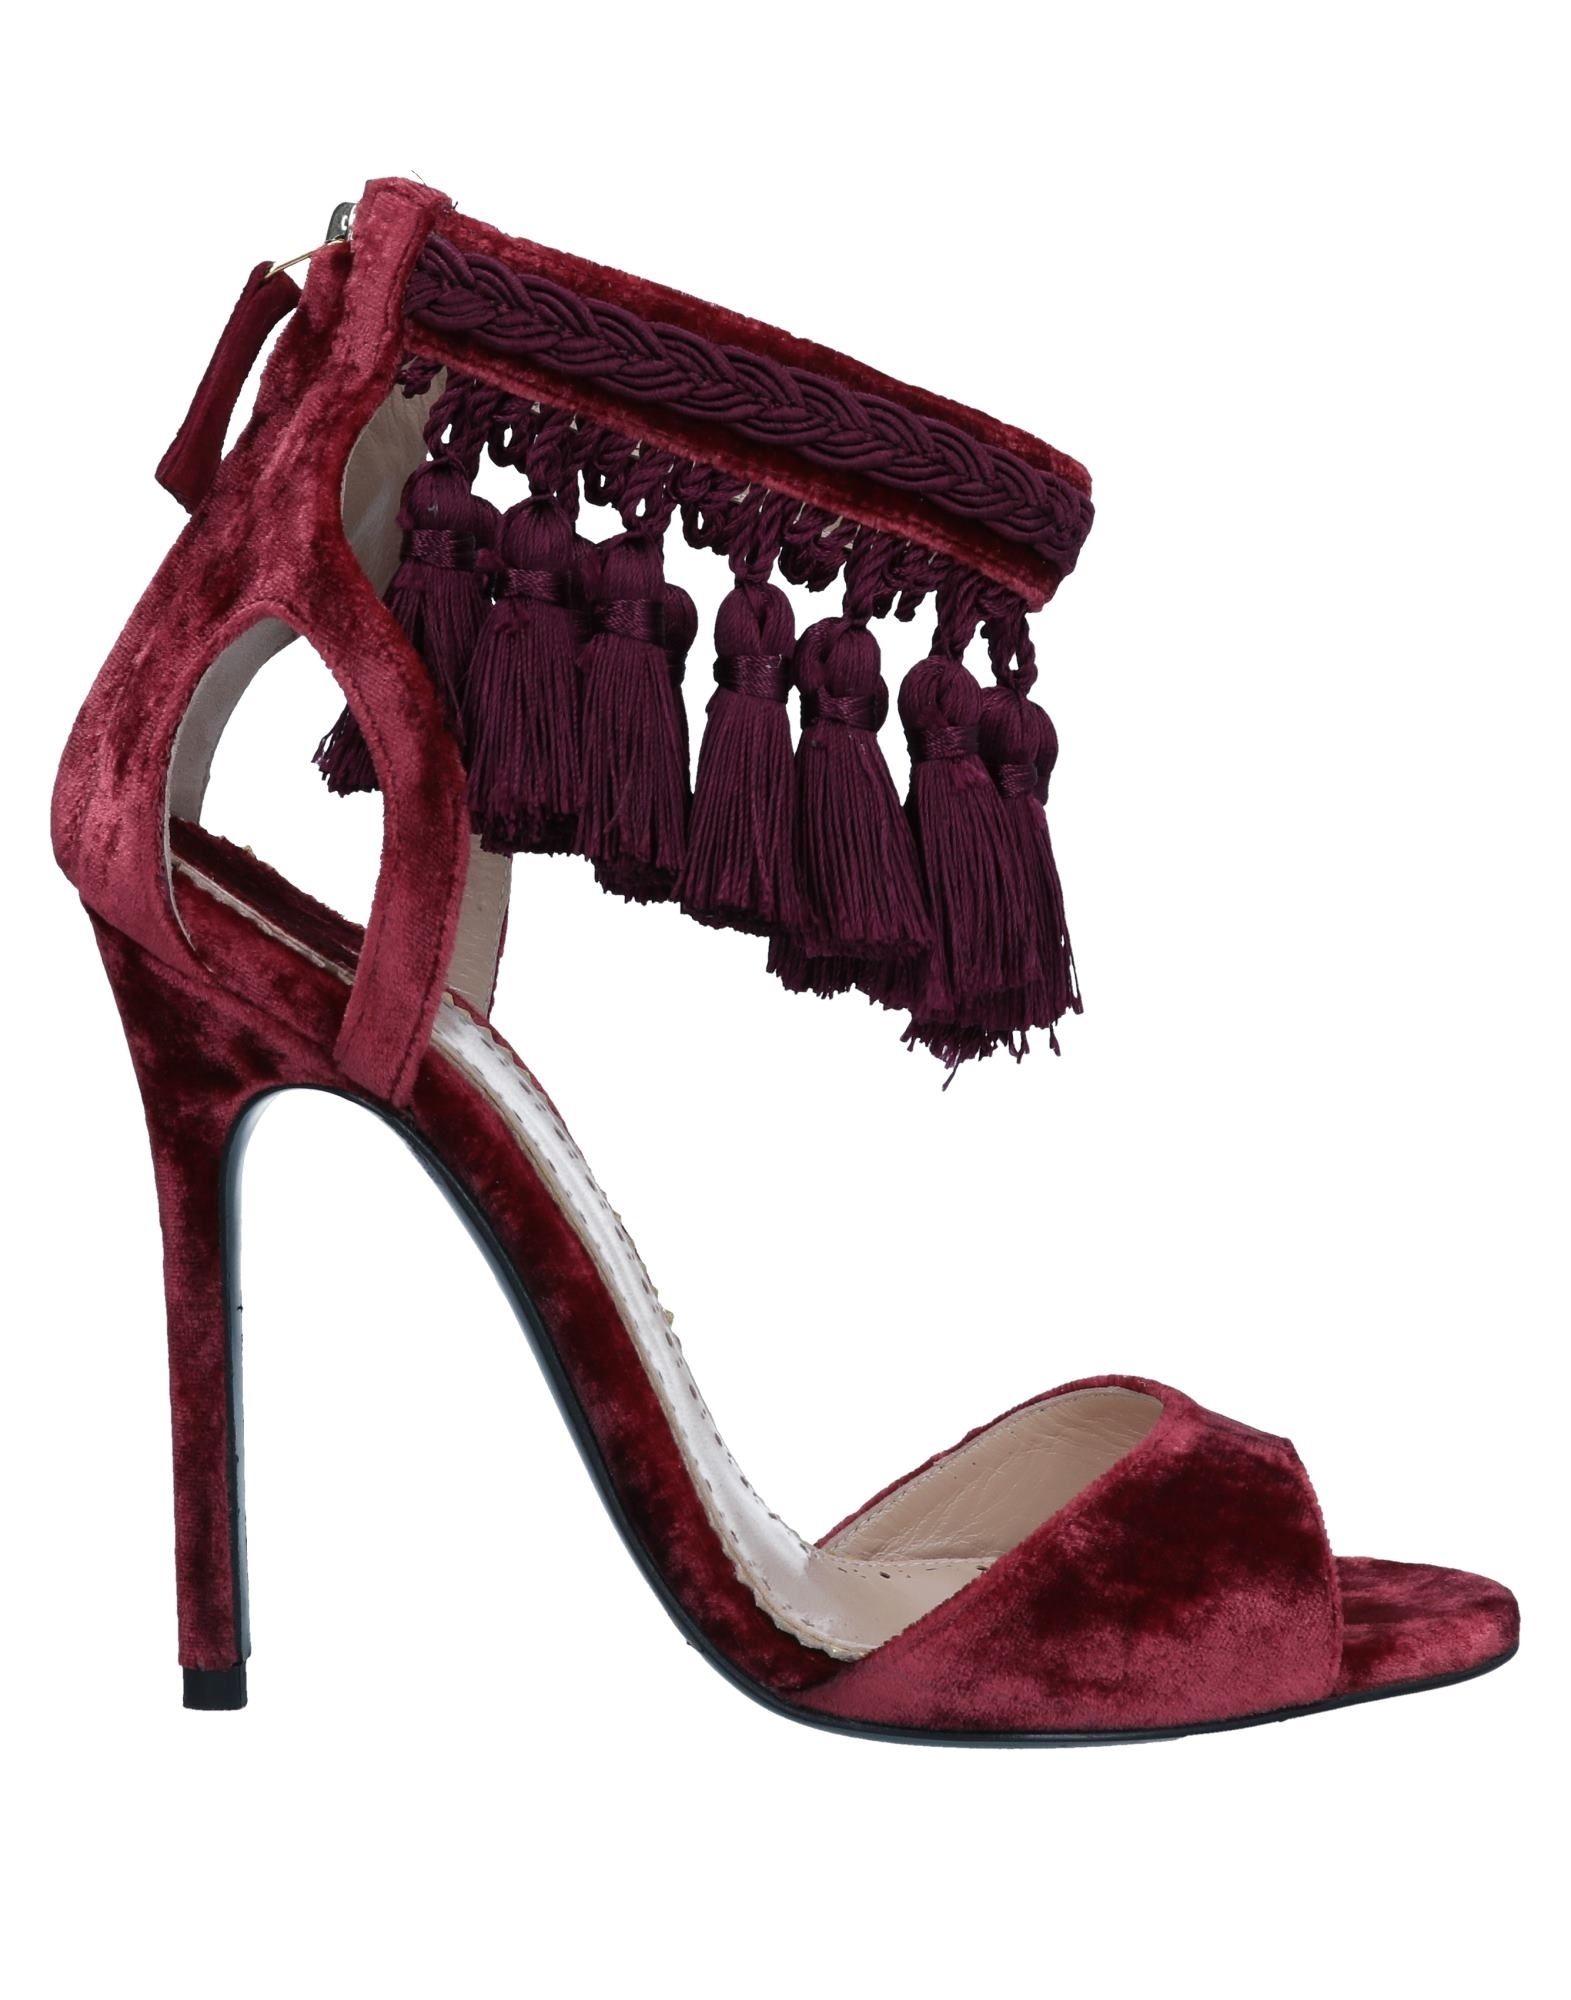 《送料無料》LOUIS LEEMAN レディース サンダル 赤茶色 36 紡績繊維